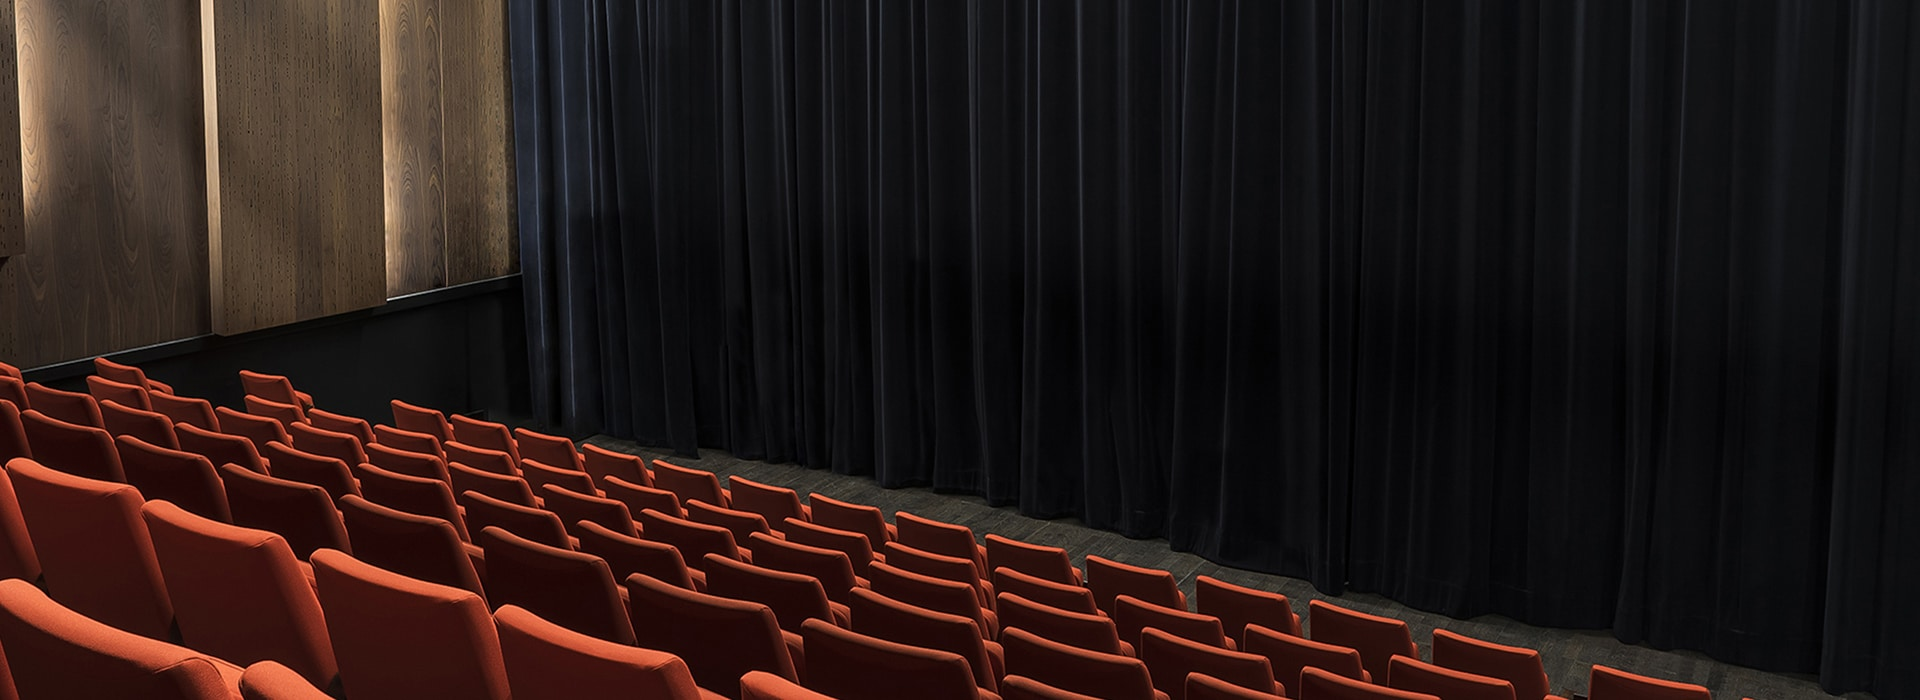 rideaux de théâtre